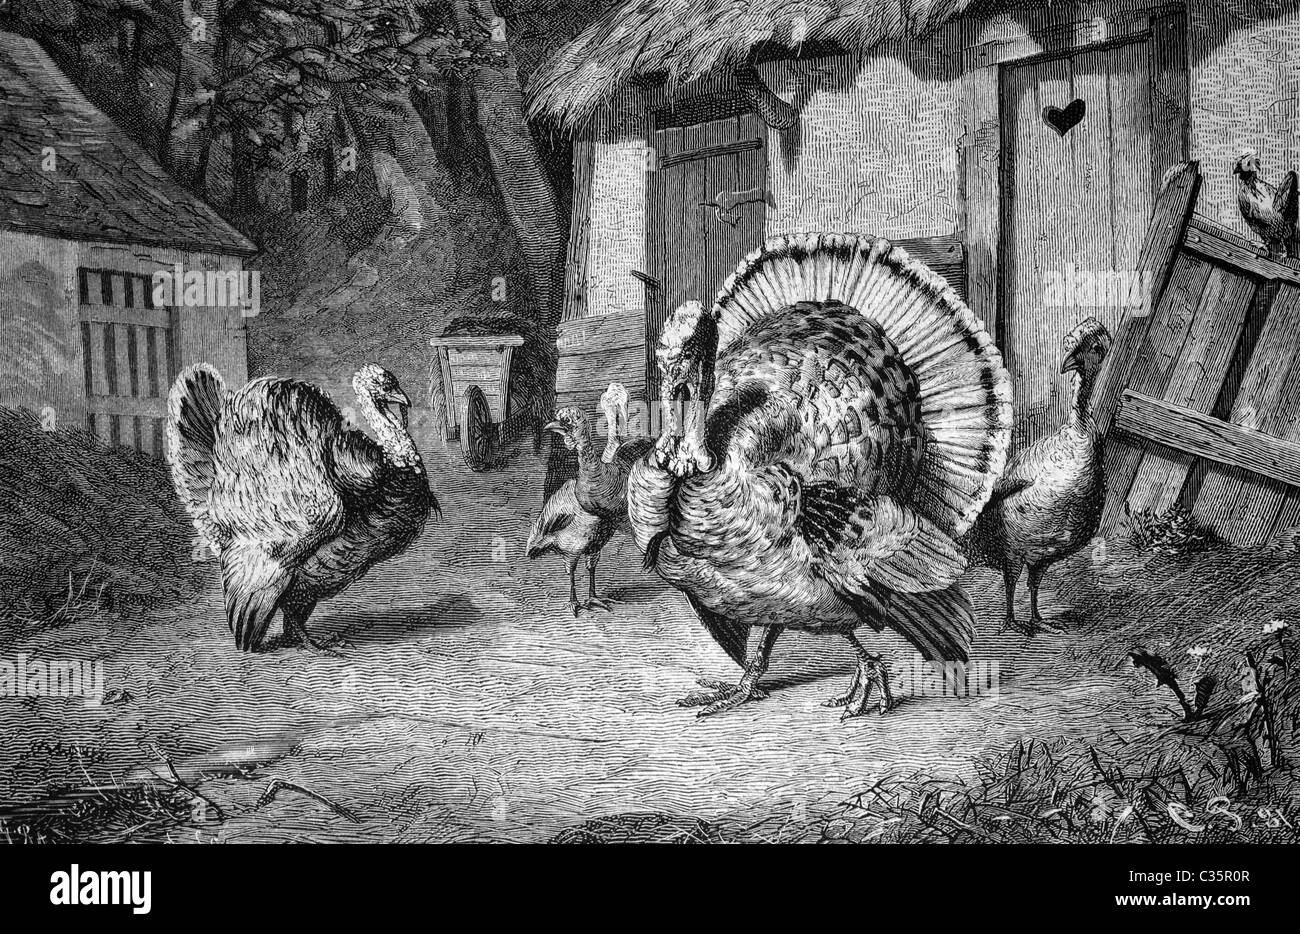 Turkeys, historical image 1886 - Stock Image